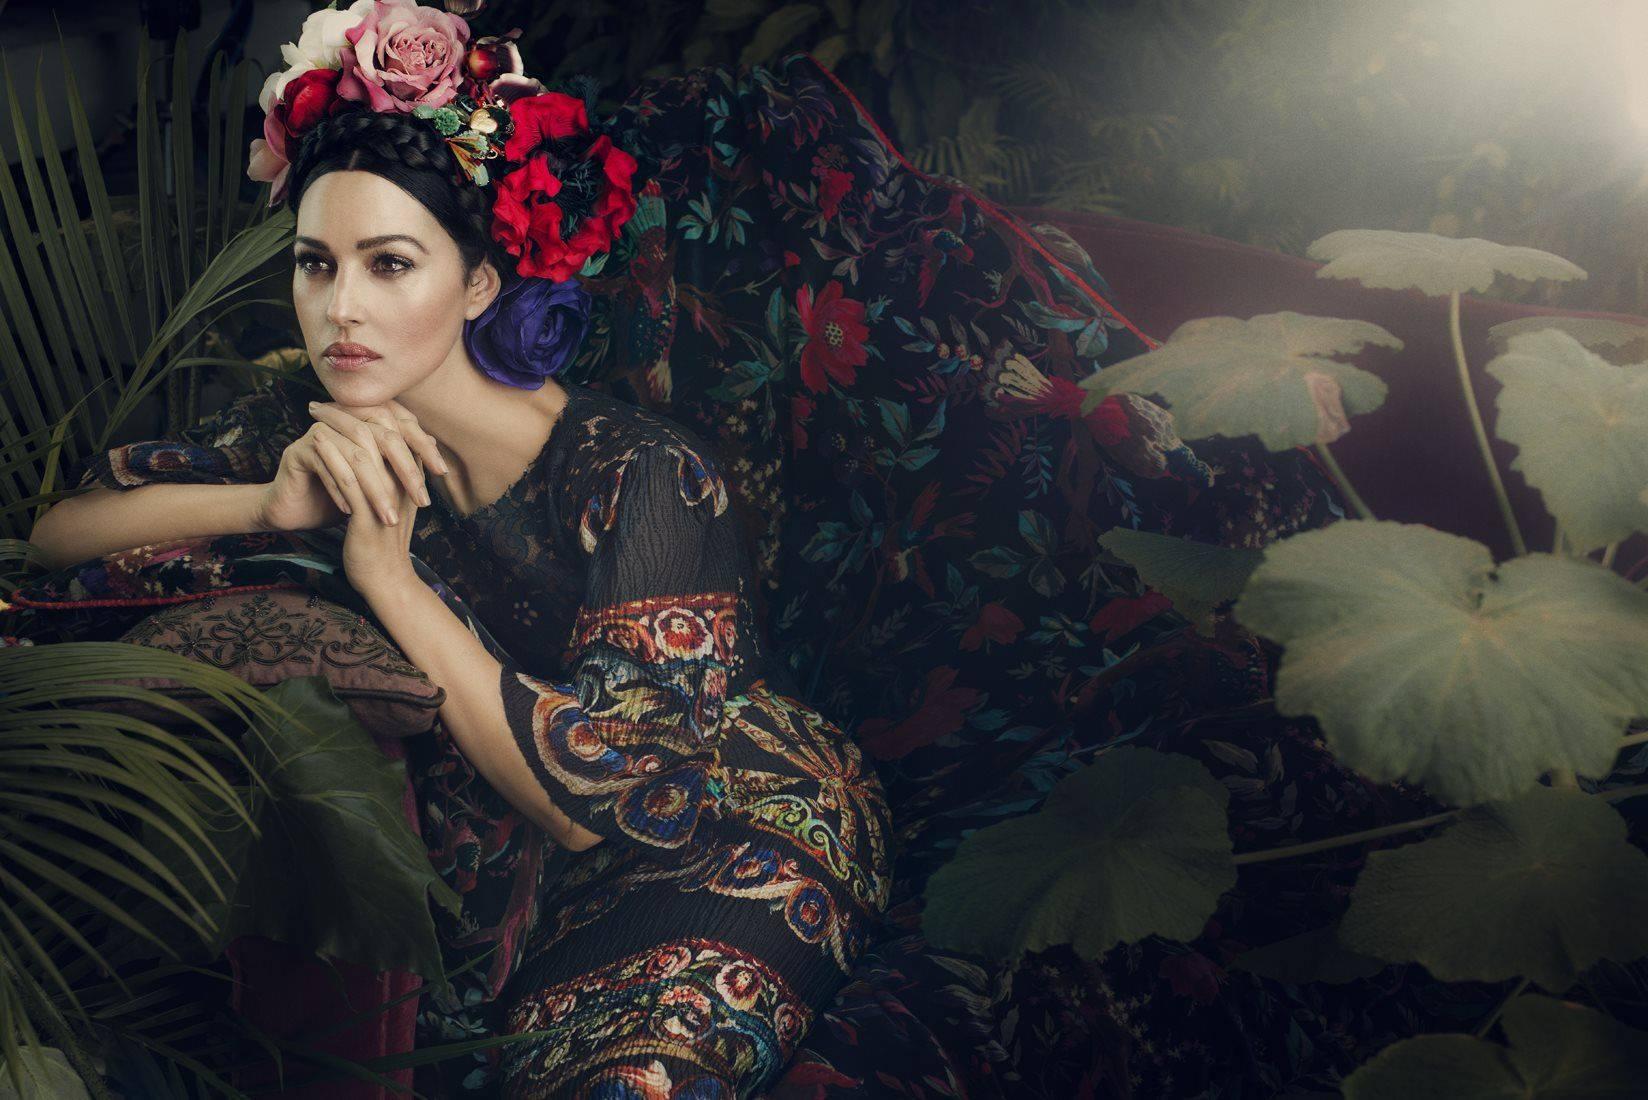 Моника Беллуччи: безупречный стиль на все времена